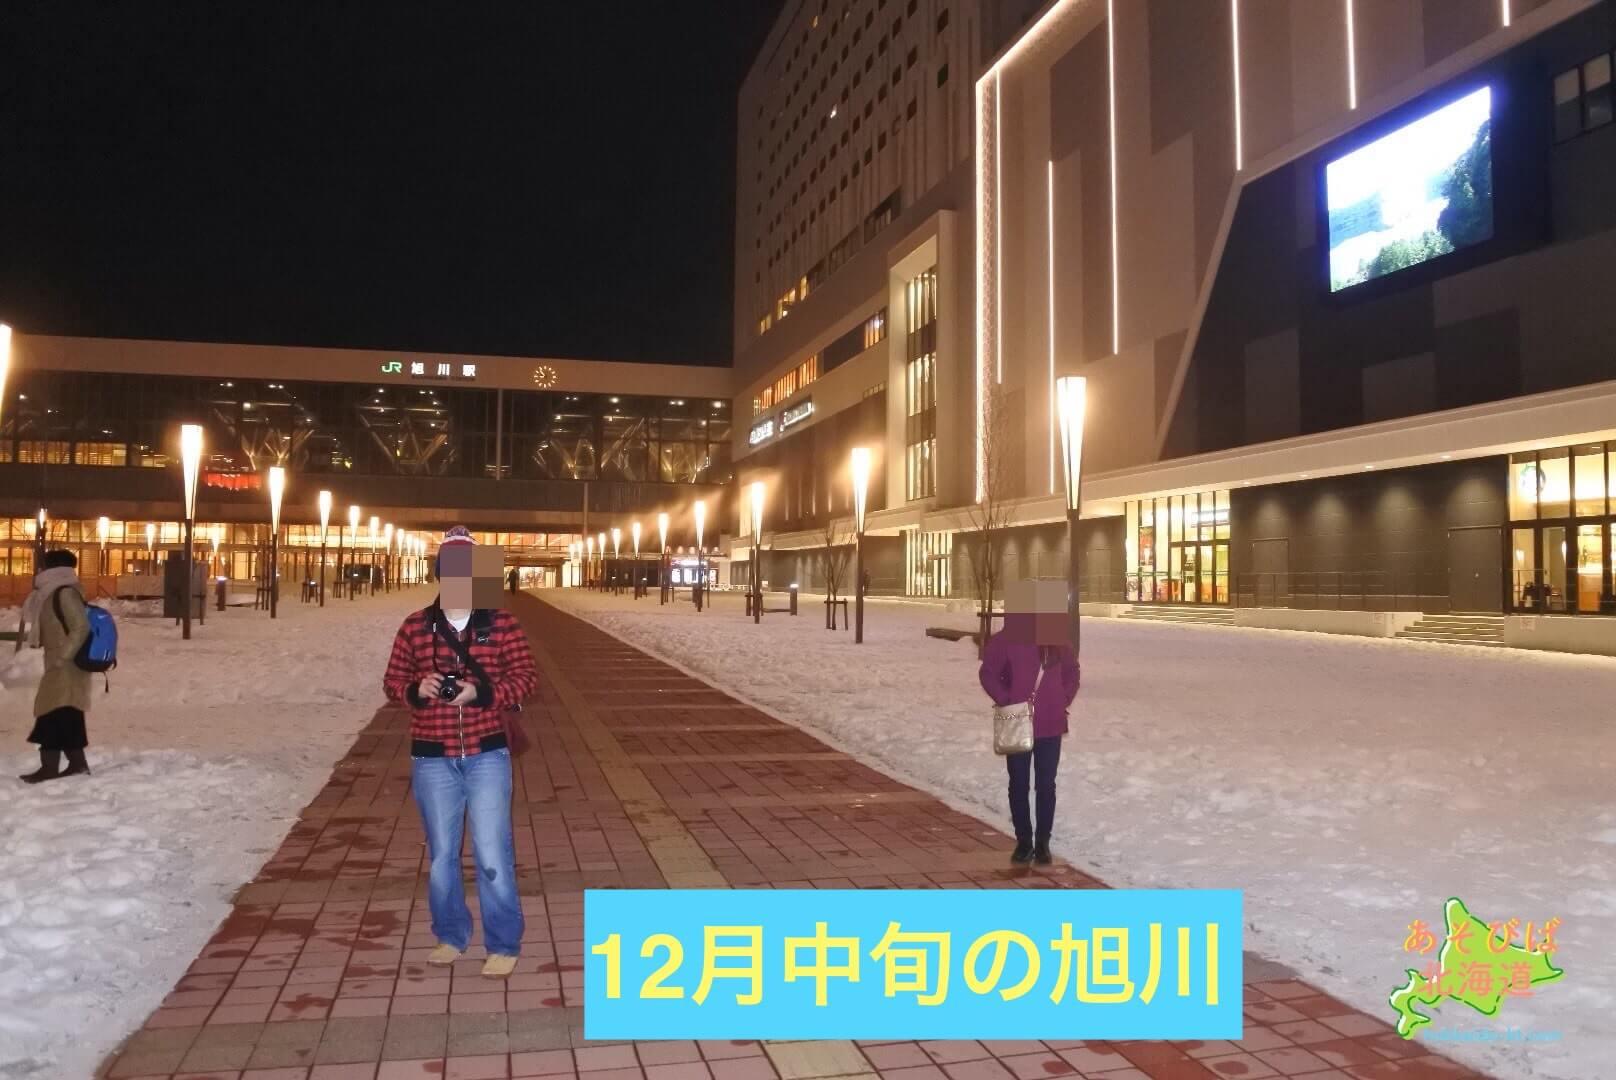 12月中旬の旭川駅前の風景